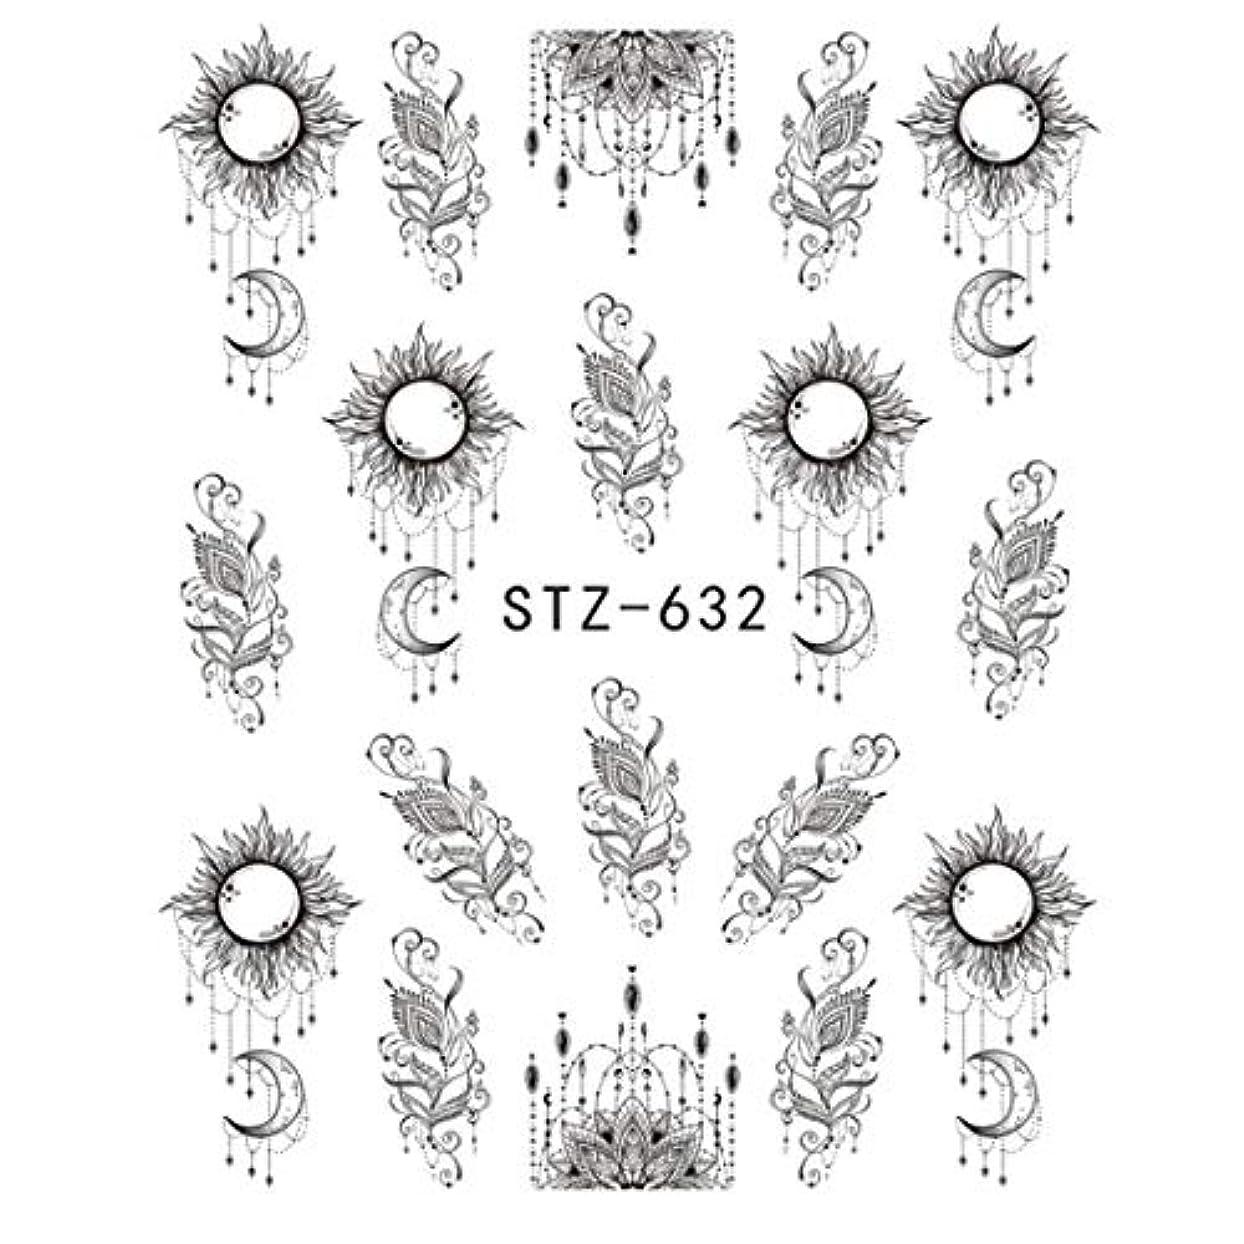 症状男英語の授業がありますSUKTI&XIAO ネイルステッカー 完全な美1シートの釘水ステッカーDiyの黒の抽象的なイメージの釘のアートペーパーの装飾のマニキュア様式用具、Stz632